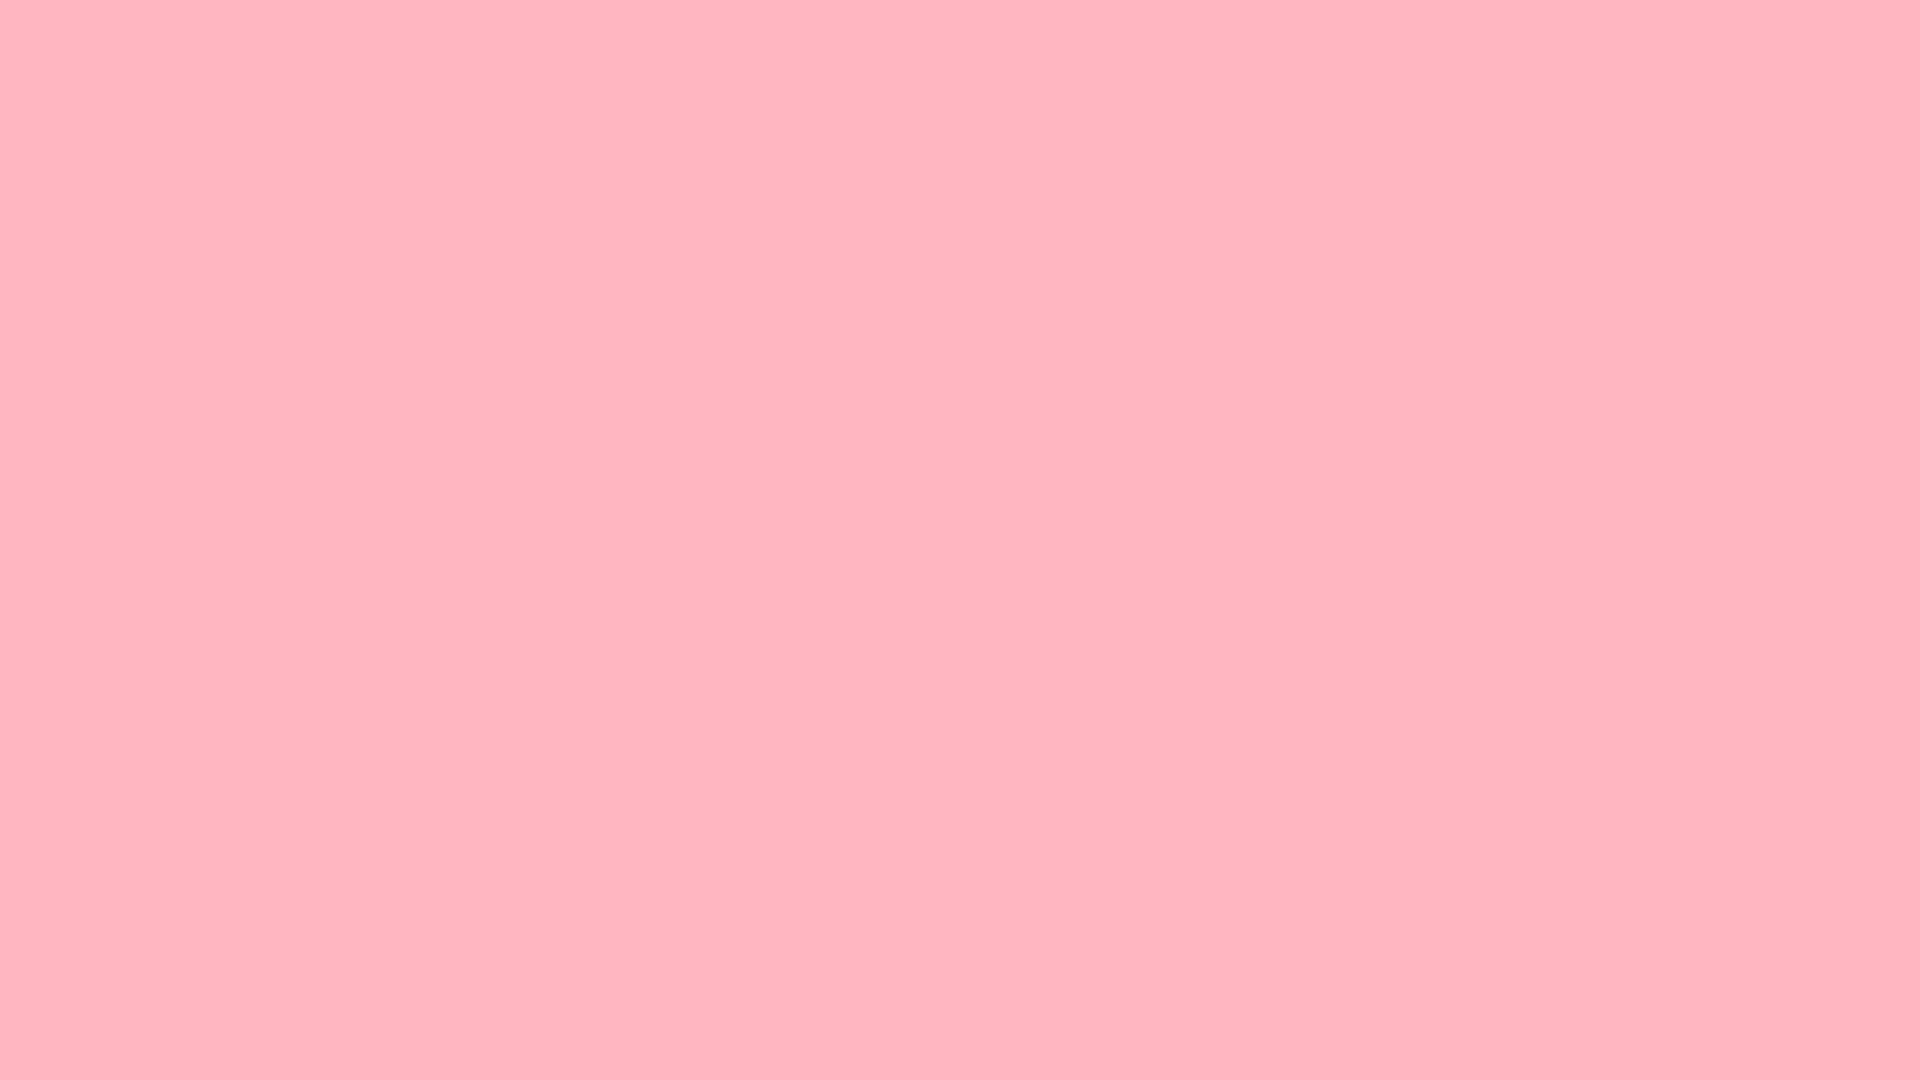 light pink solid color background